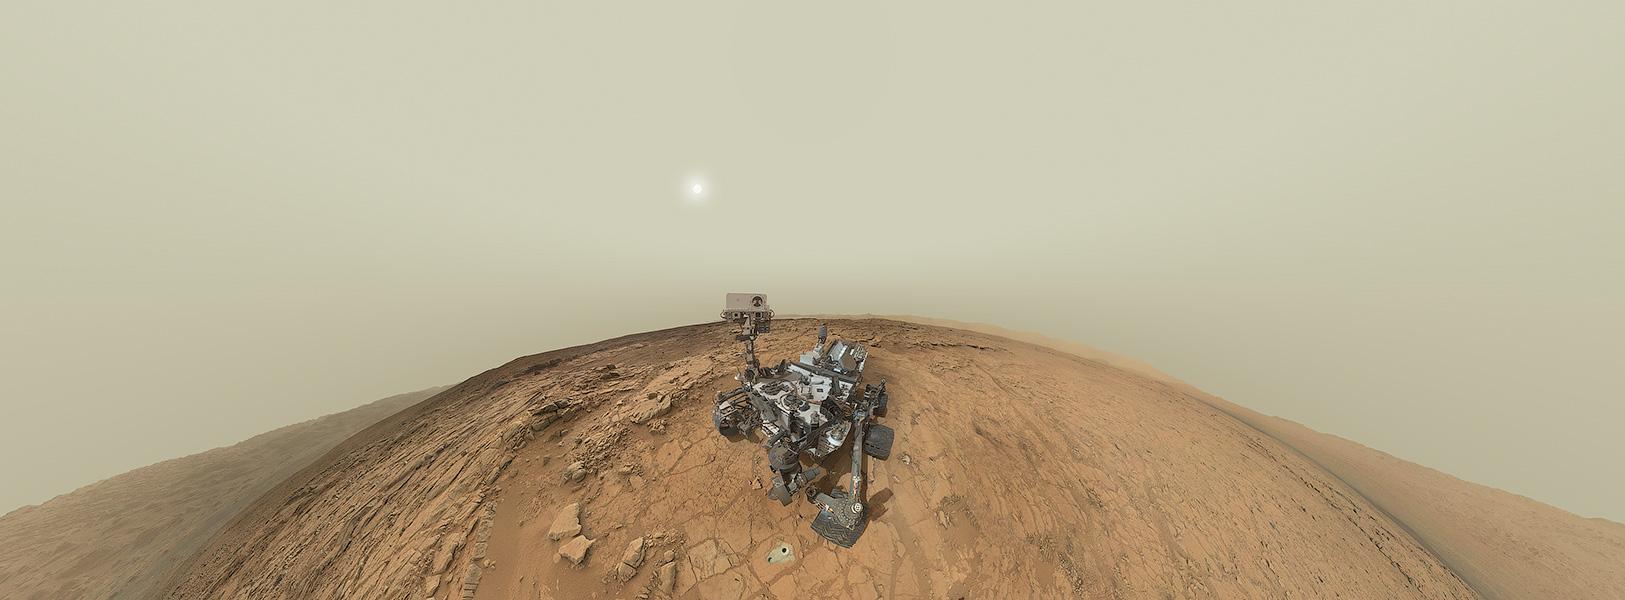 Autoportrait panoramique de Curiosity